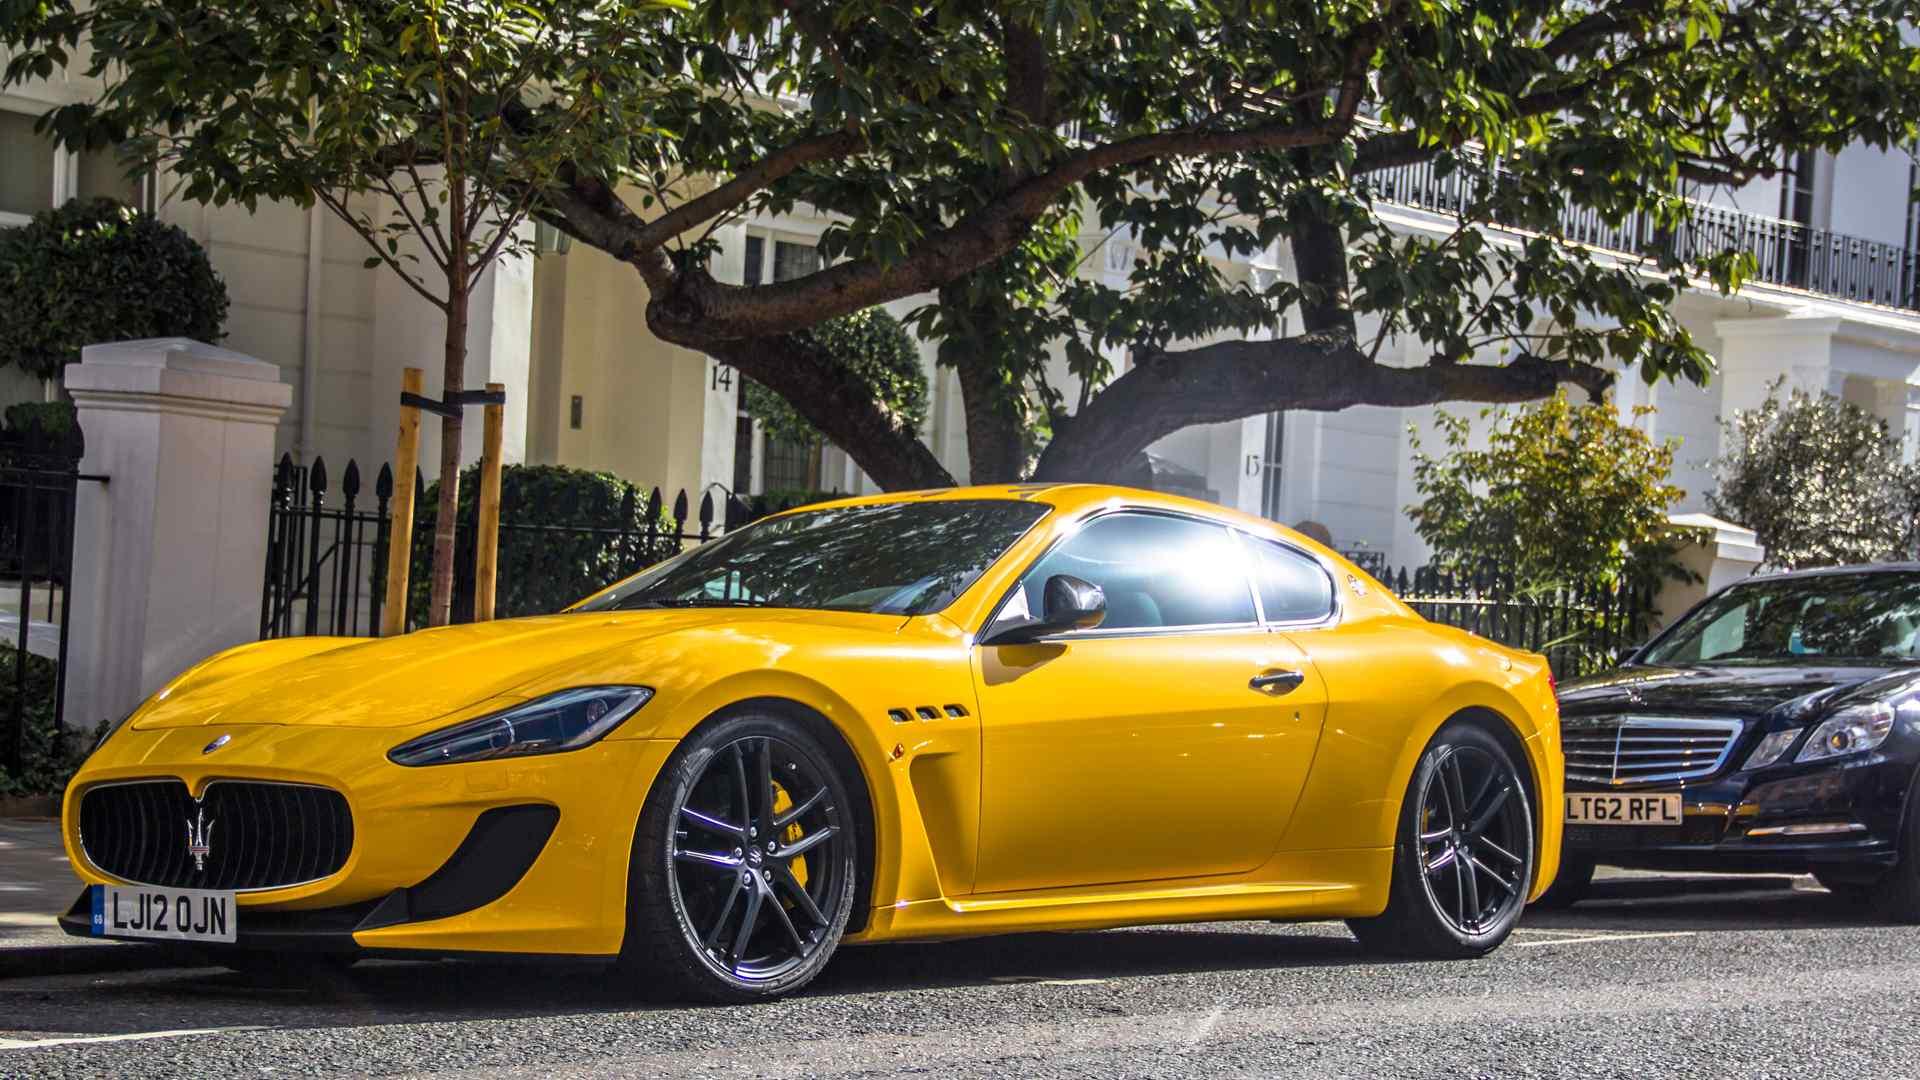 黄色玛莎拉蒂超跑酷炫帅气高清桌面壁纸